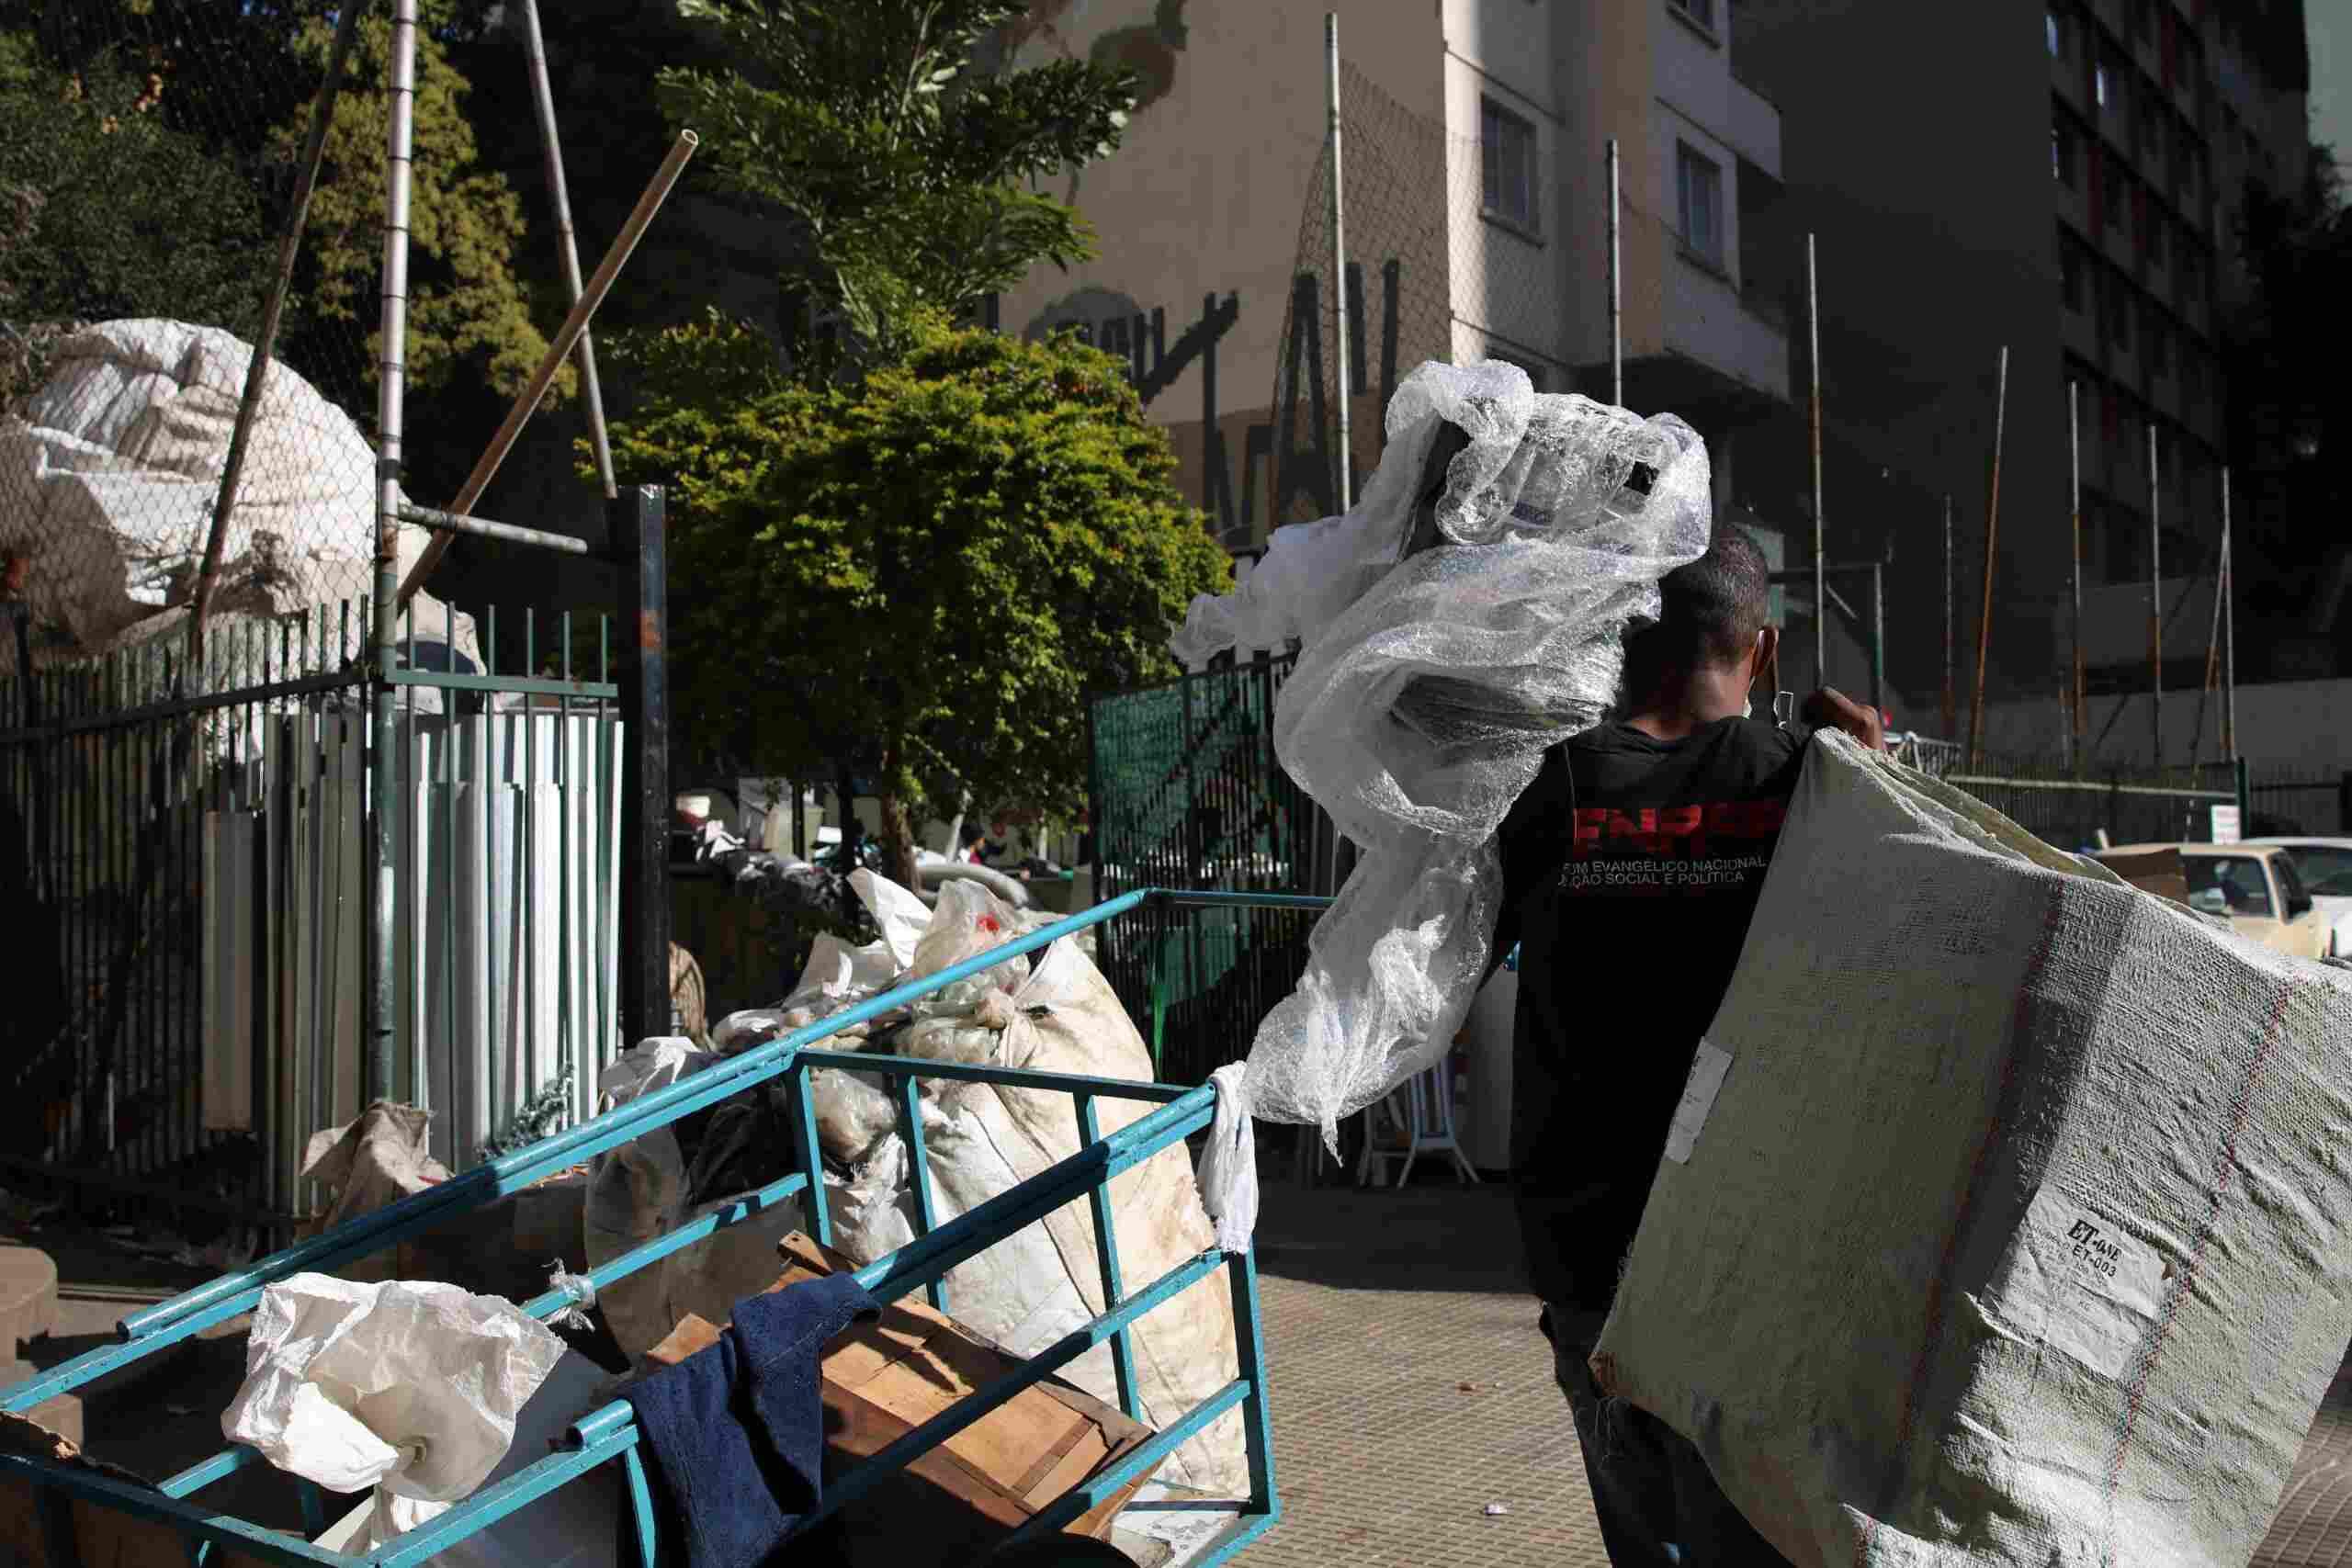 Catadores coletam materiais e embalagens para reciclagem na Avenida Nove de Julho, região central de SP. Foto: Rovena Rosa/ABr